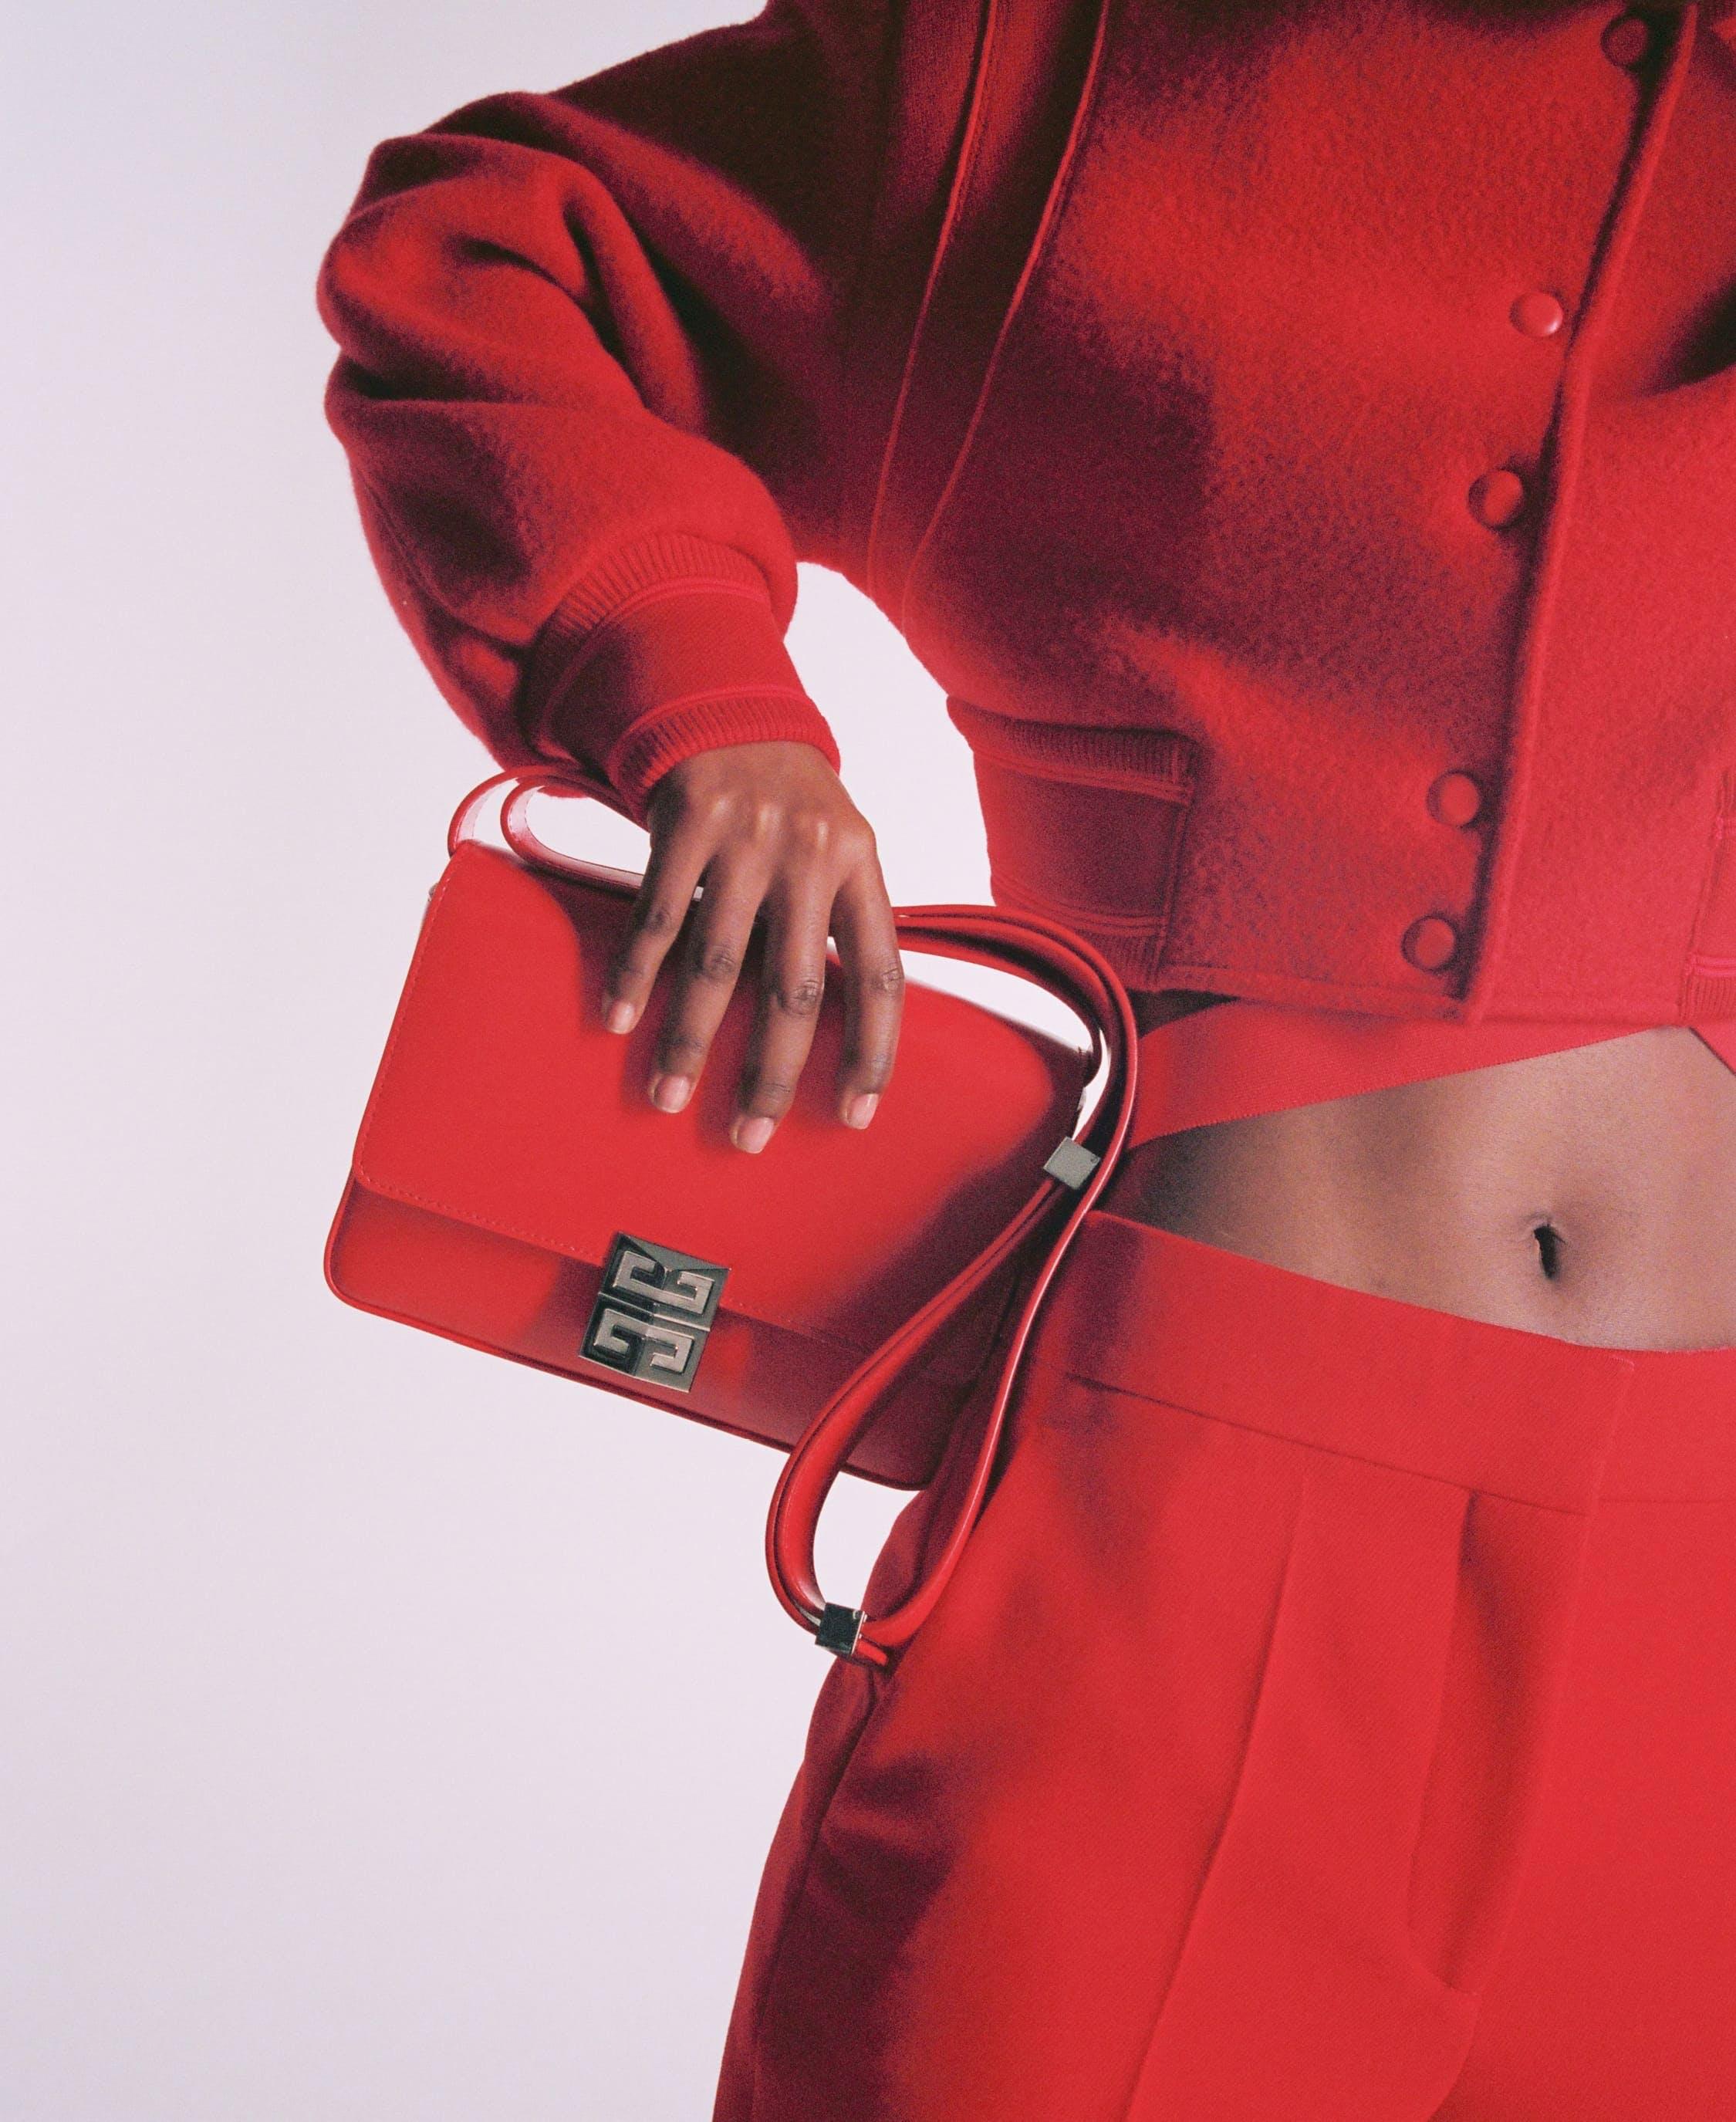 La borsa 4G di Givenchy disegnata da Matthew Williams